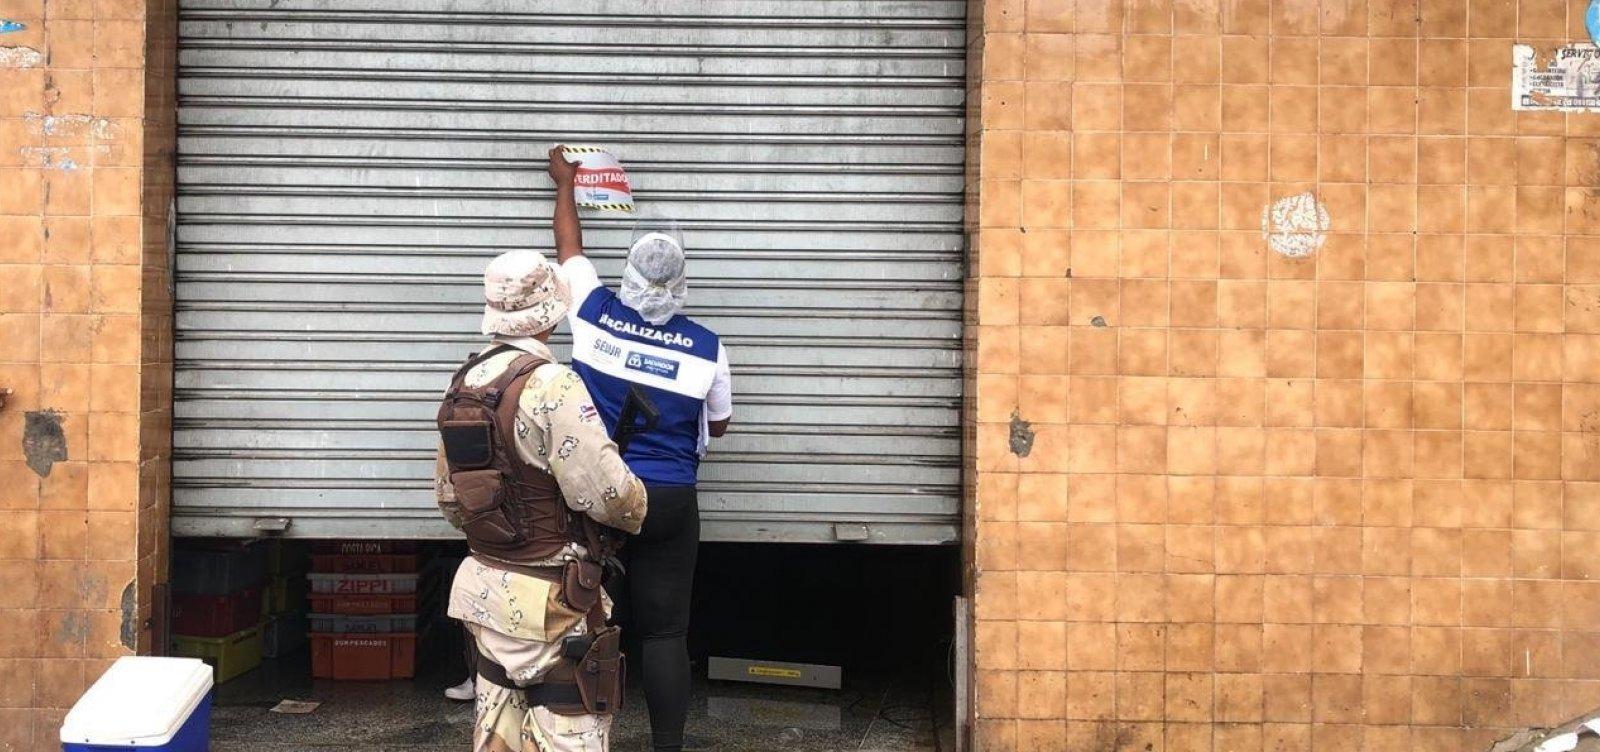 [Sedur interdita 68 estabelecimentos em bairros de Salvador com medidas restritivas nesta quinta]